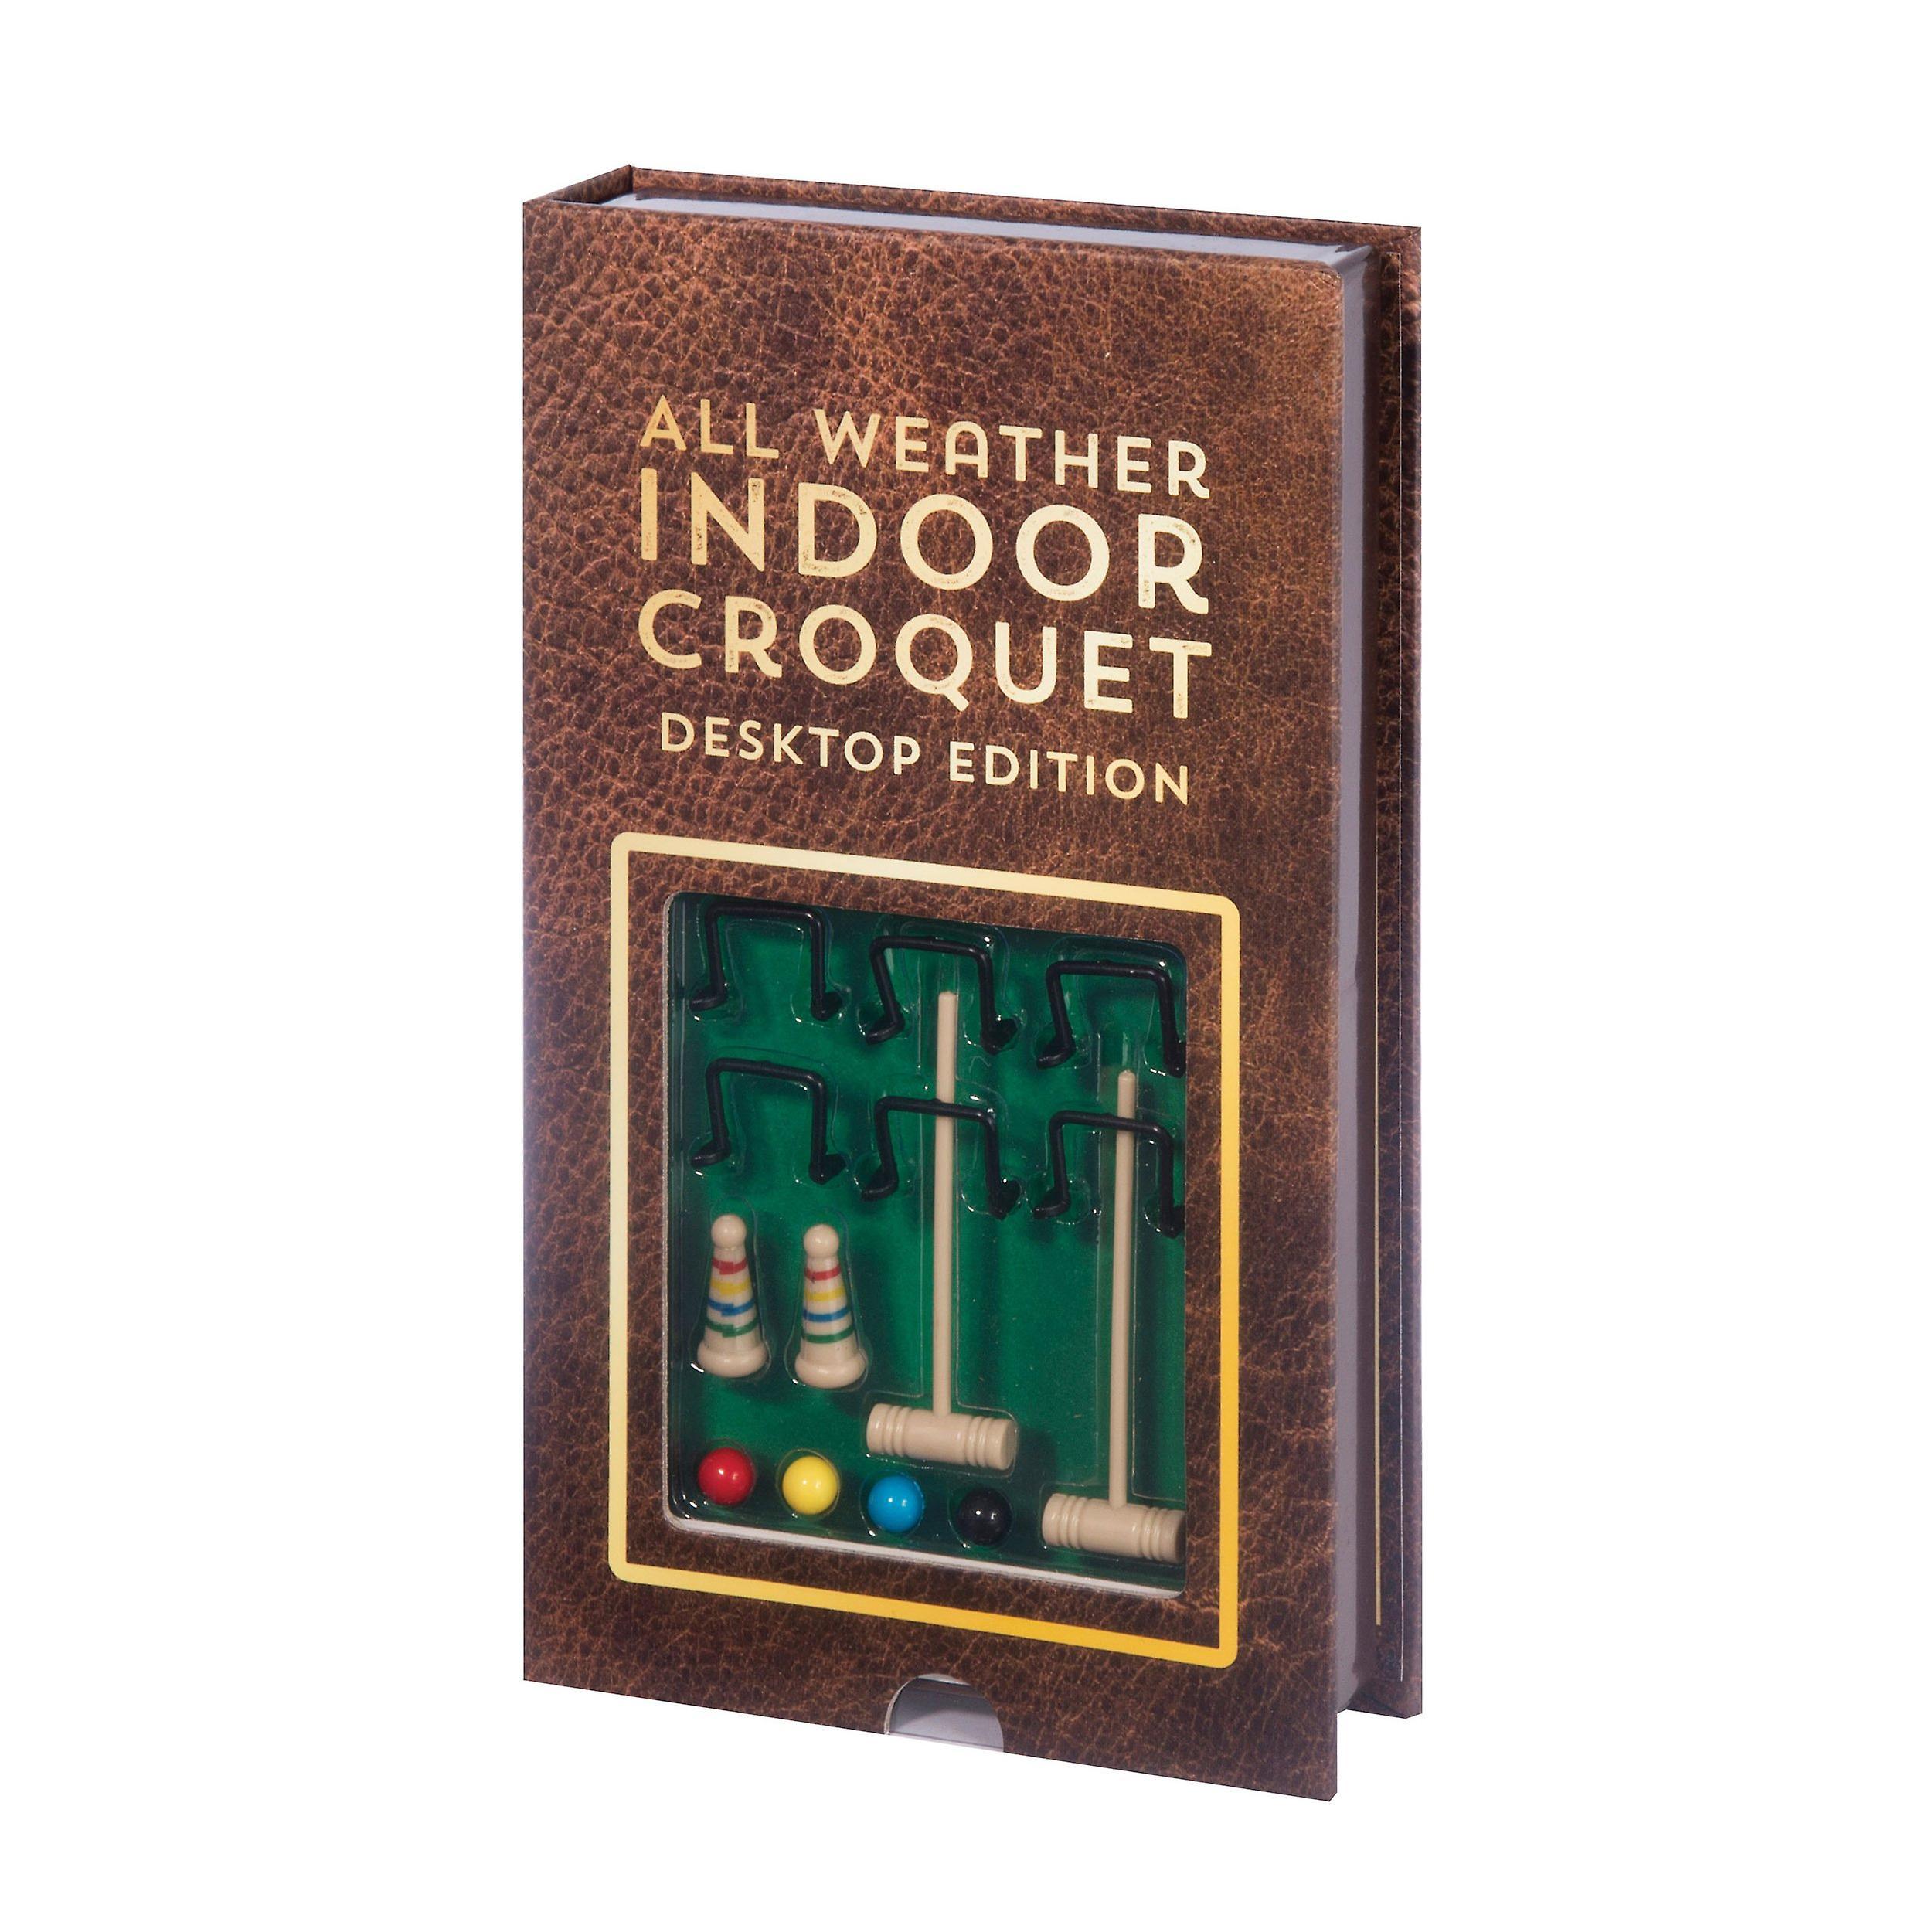 Blue sky studios - all weather indoor croquet desktop edition